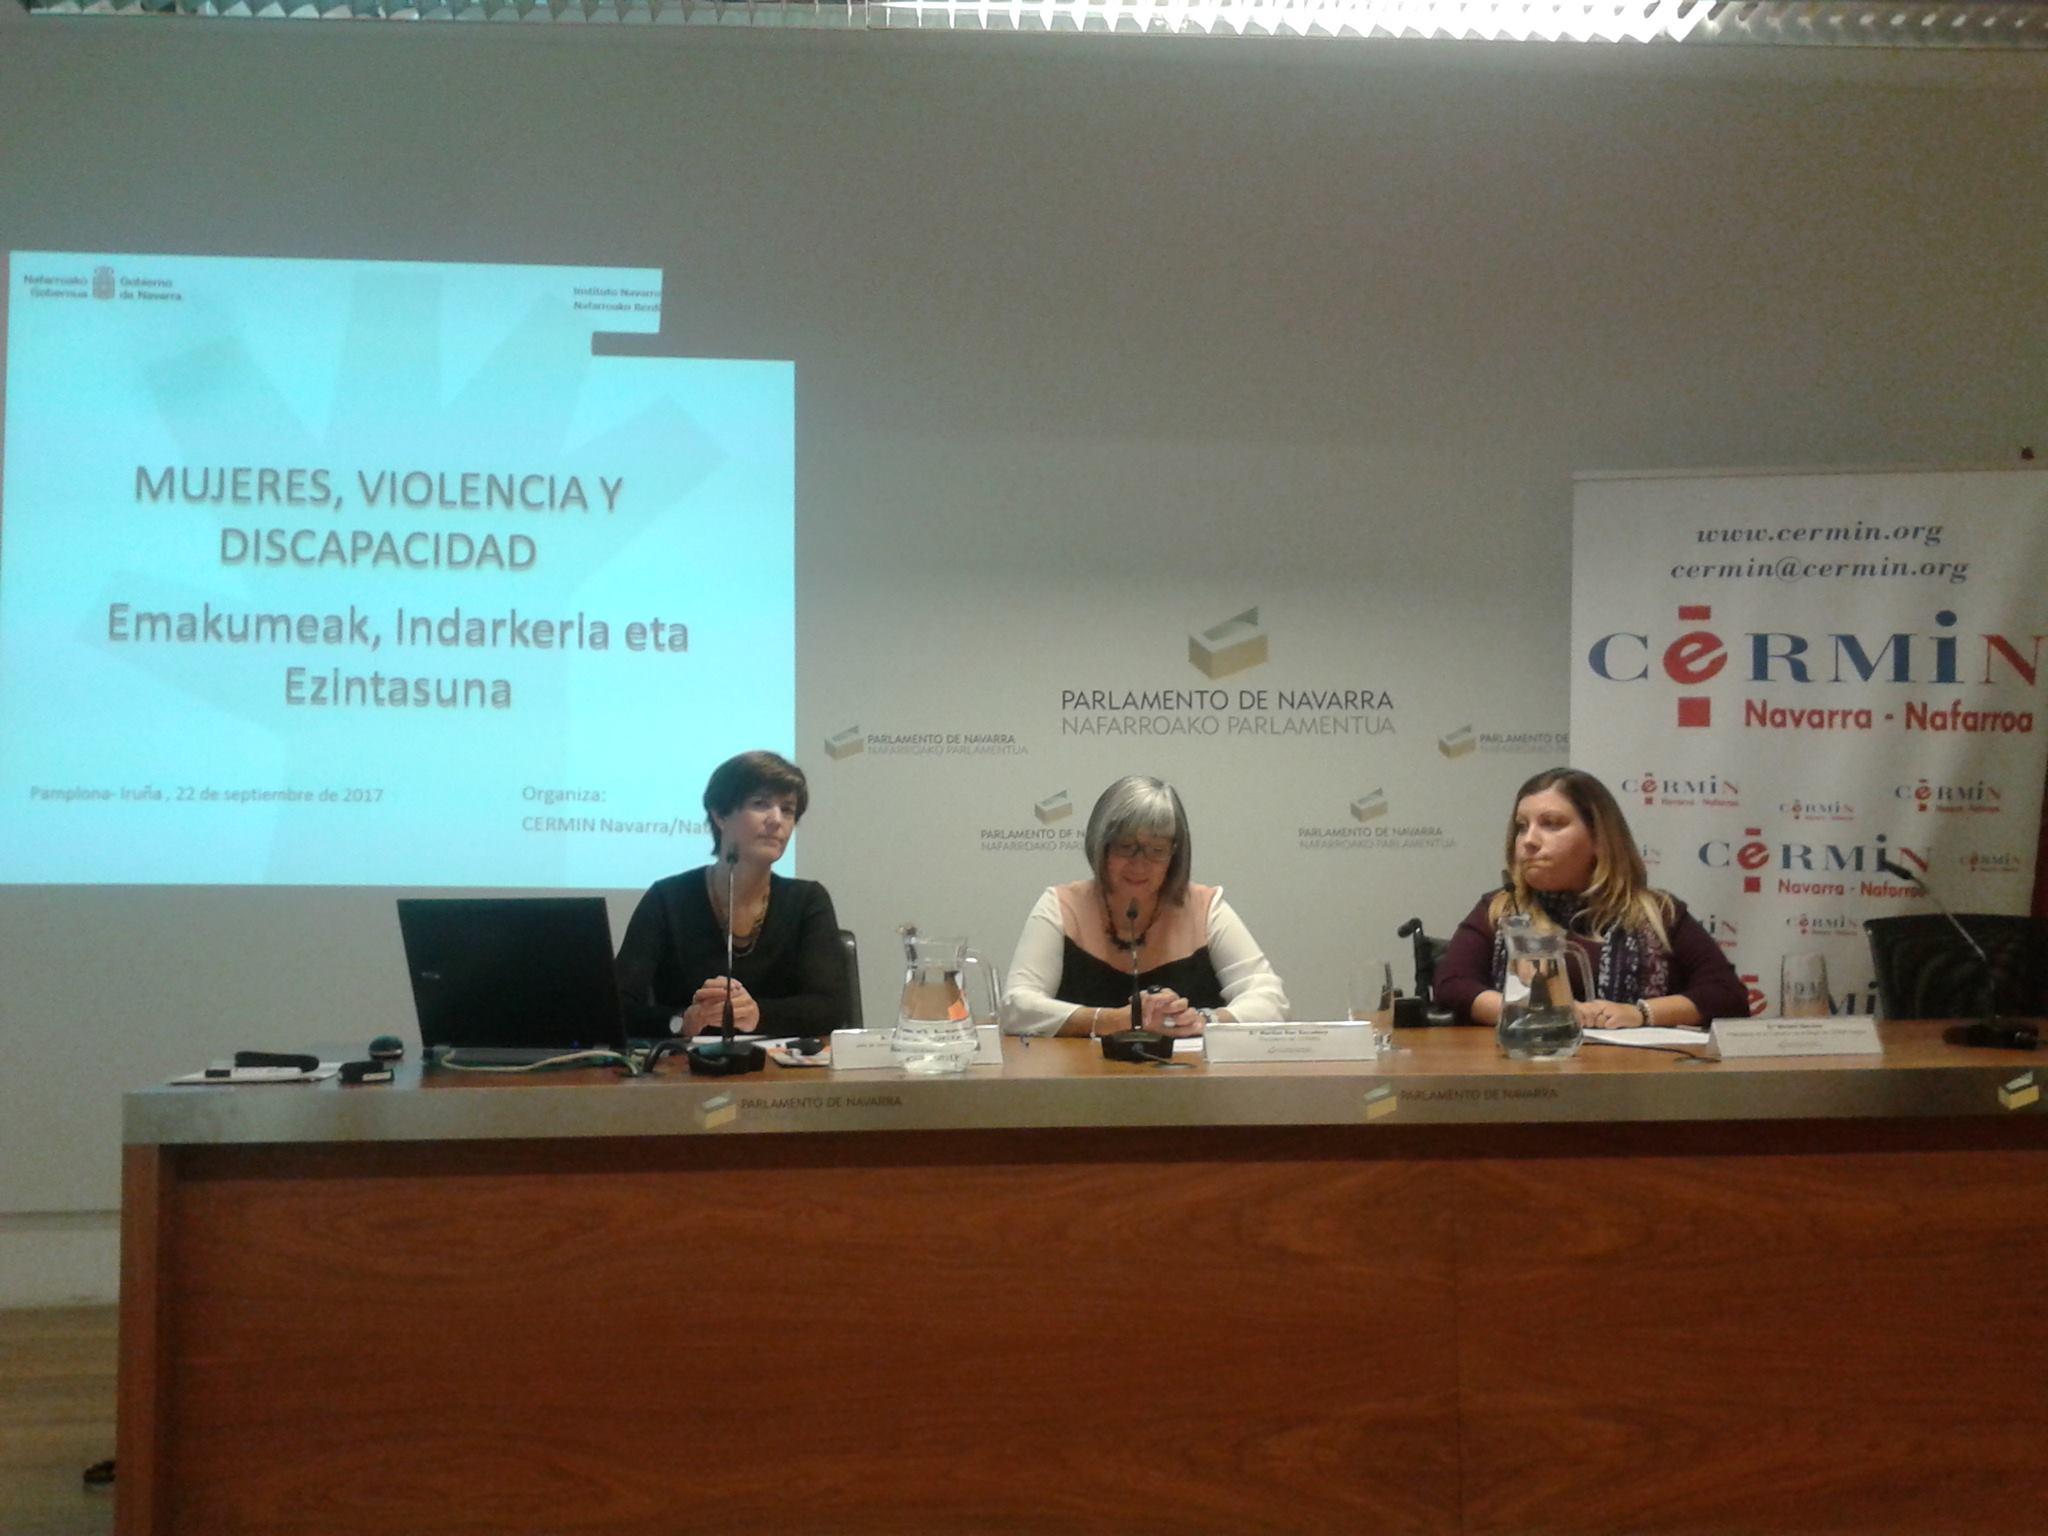 Mujer, violencia y discapacidad